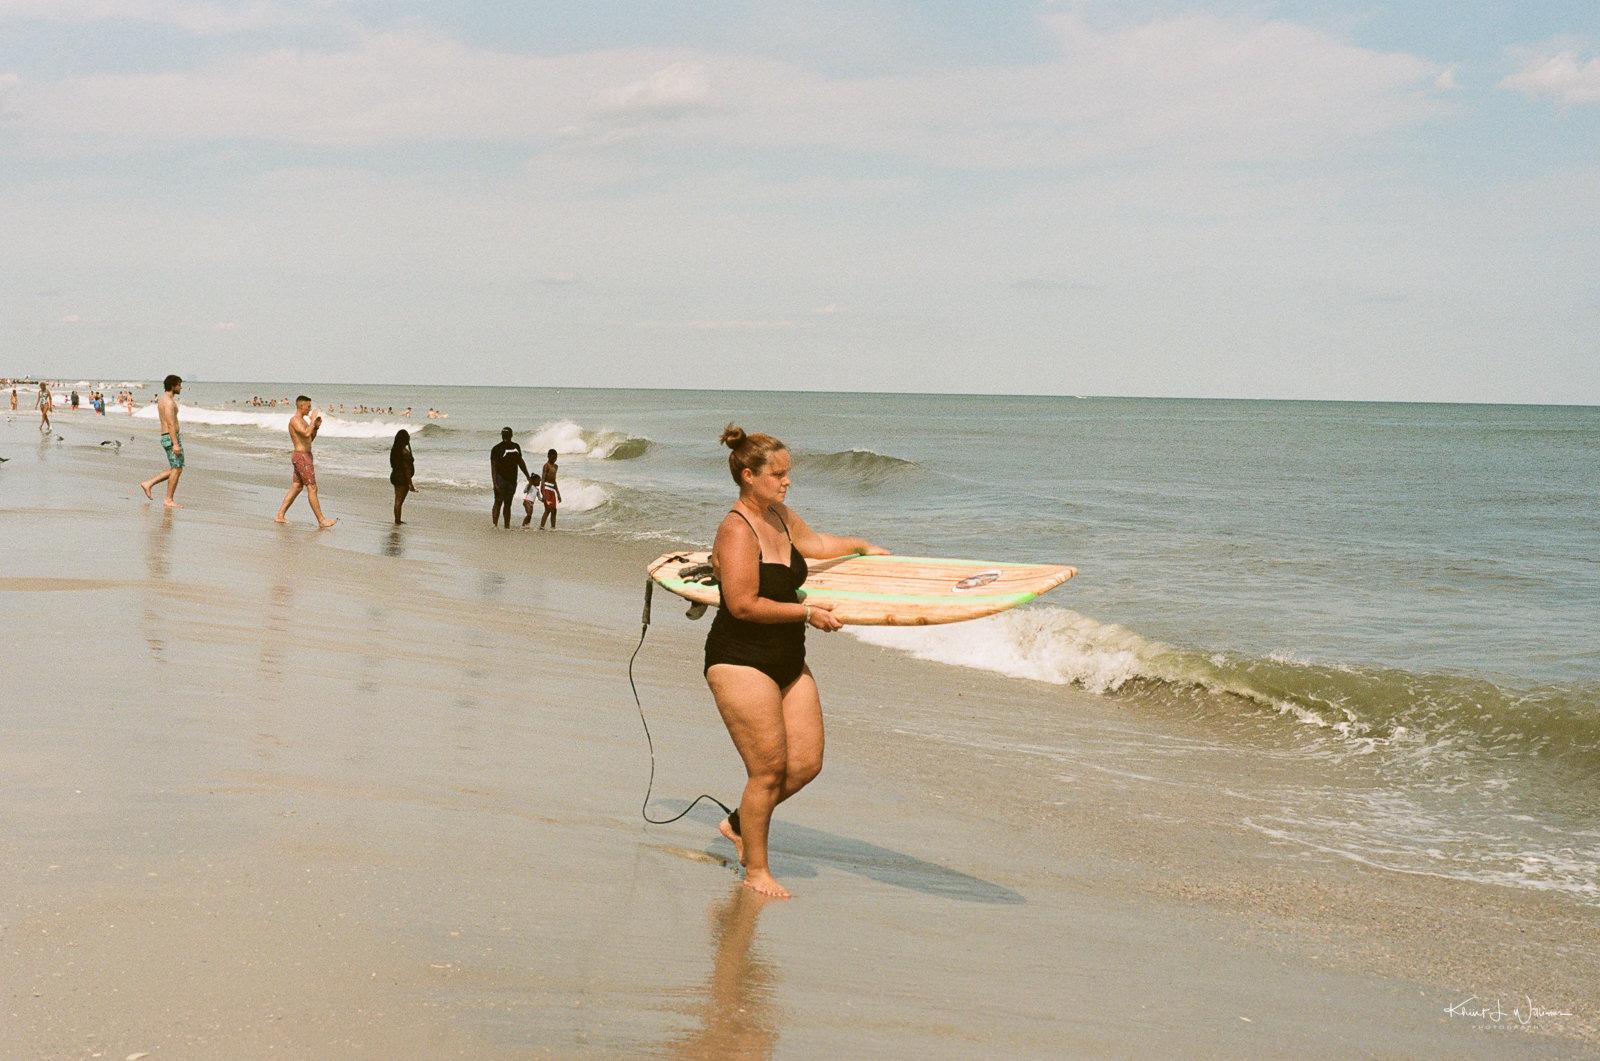 Avalon Beach, 7 Mile Island, Cape May, New Jersey | 26 August, 2020 |Minolta X-700 |Minolta MD Rokkor-X 50mm f/1.7